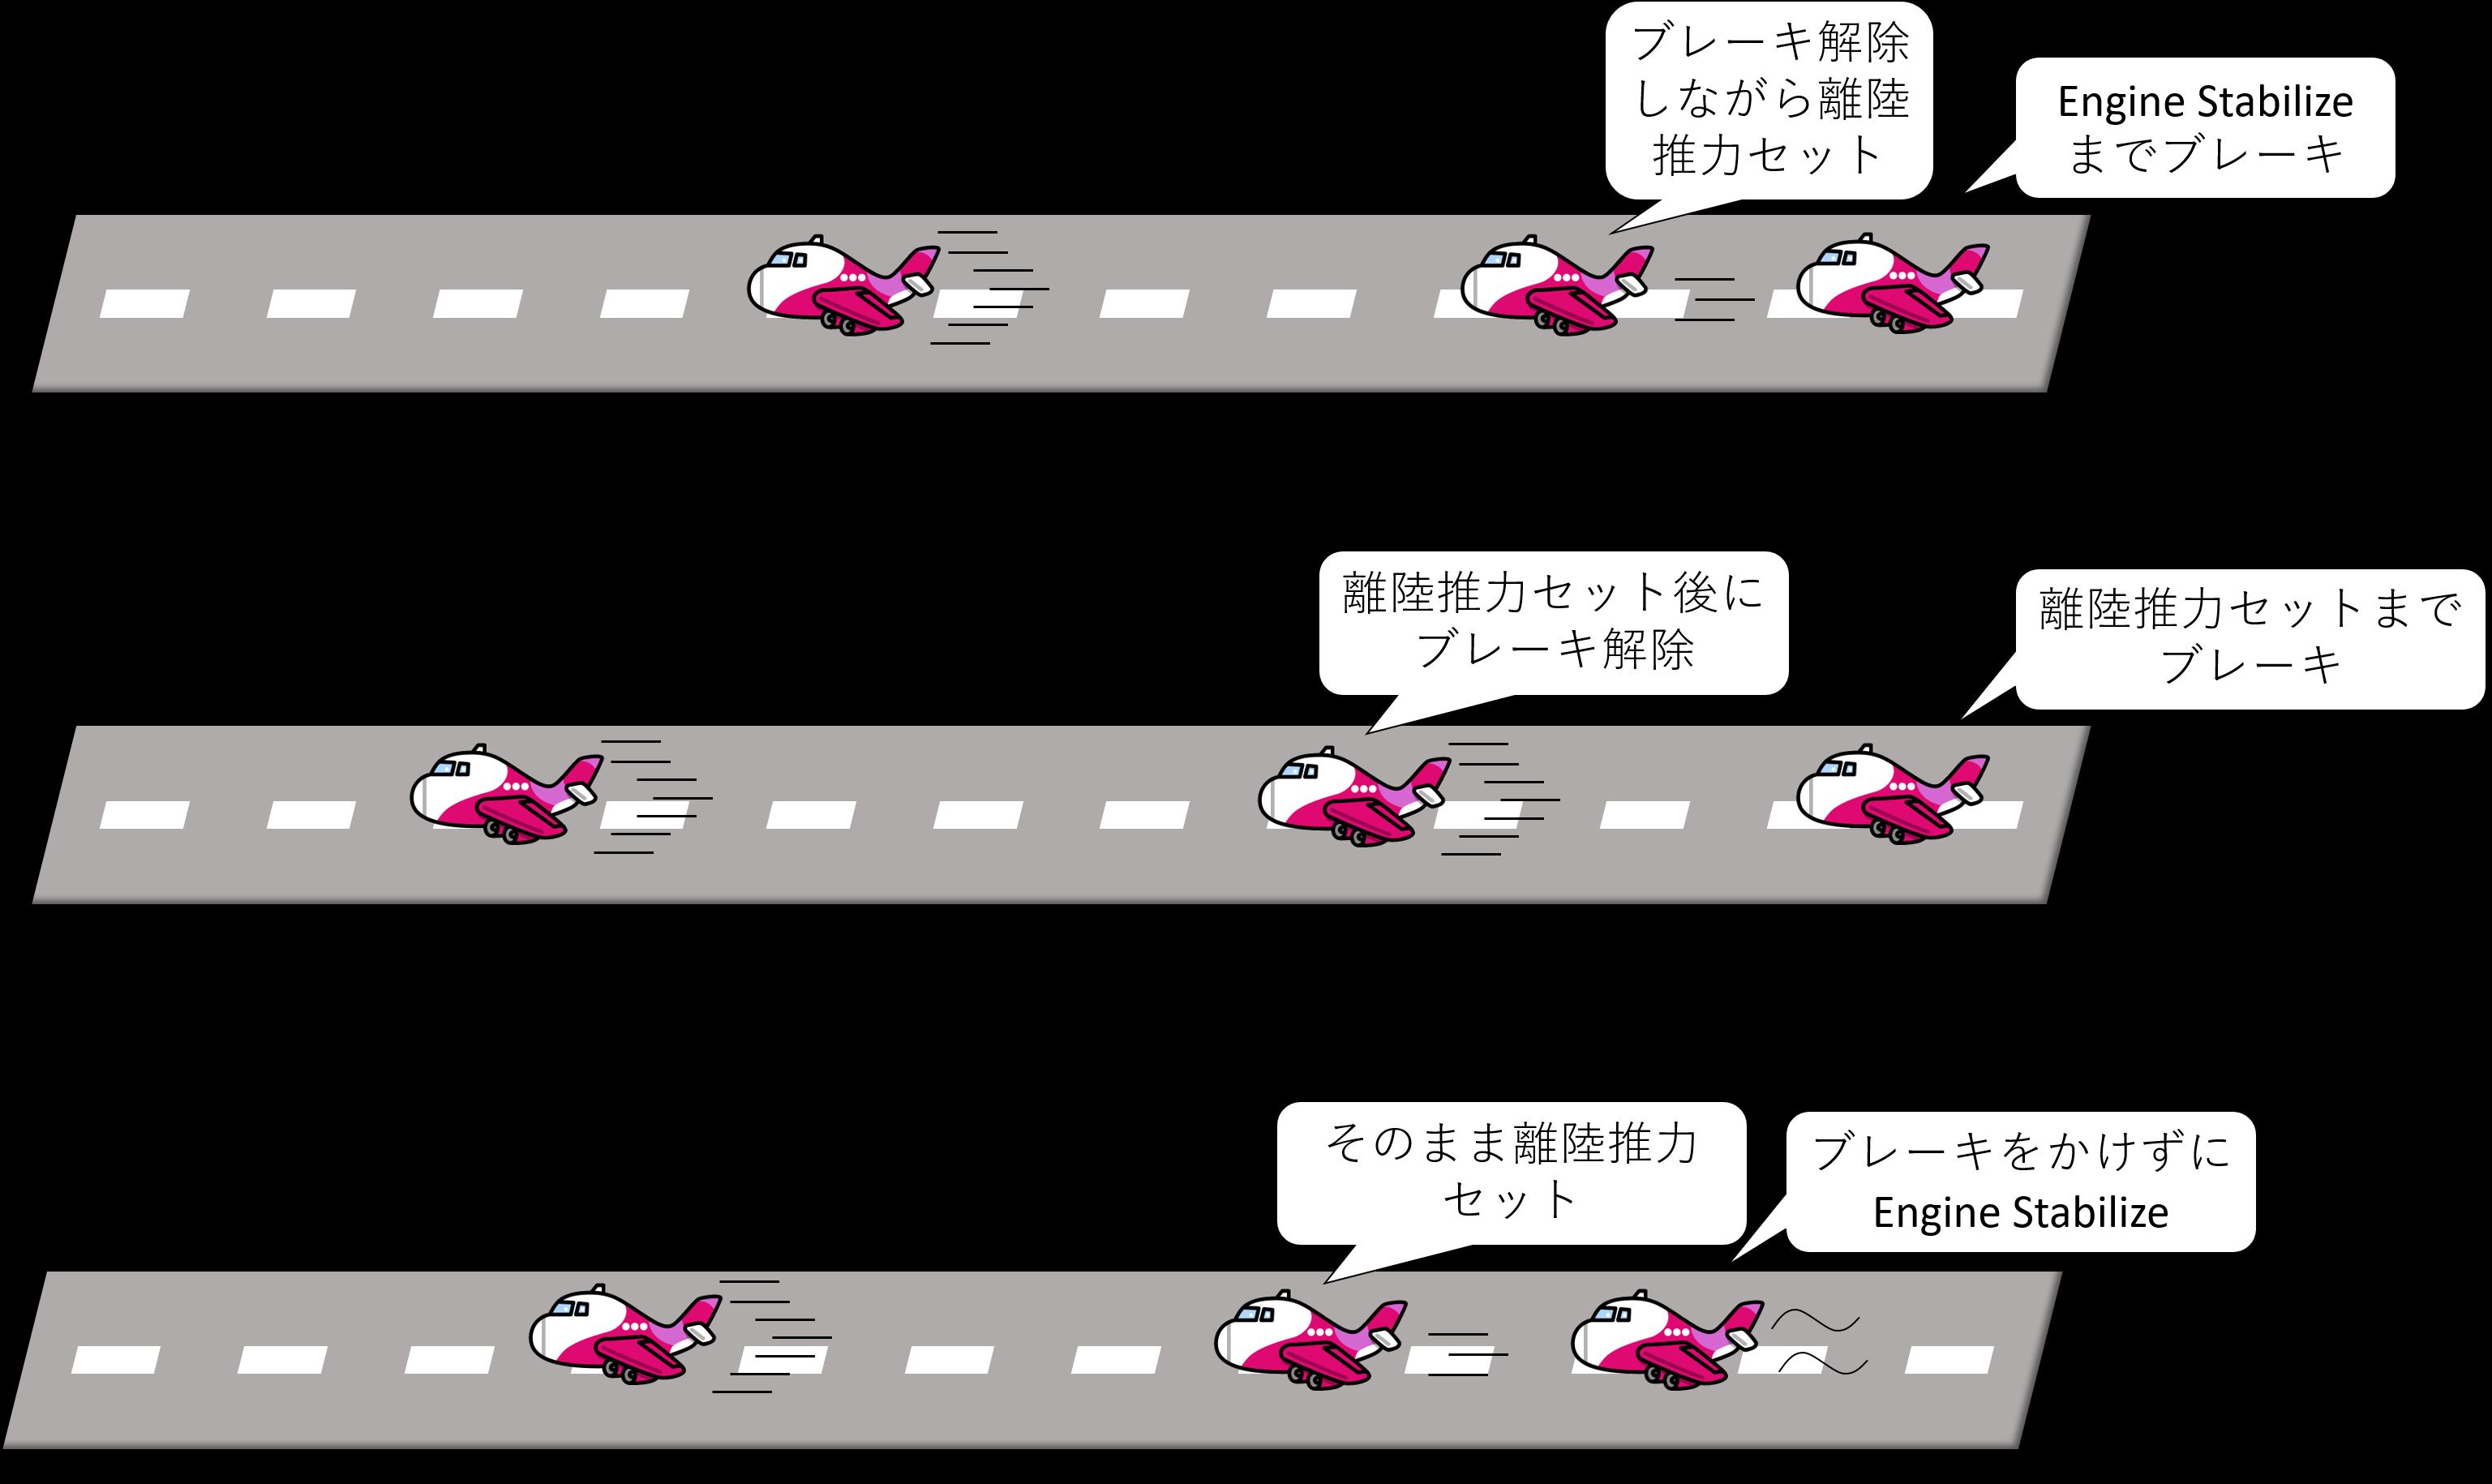 3種類の離陸推力セット方法のイメージ図